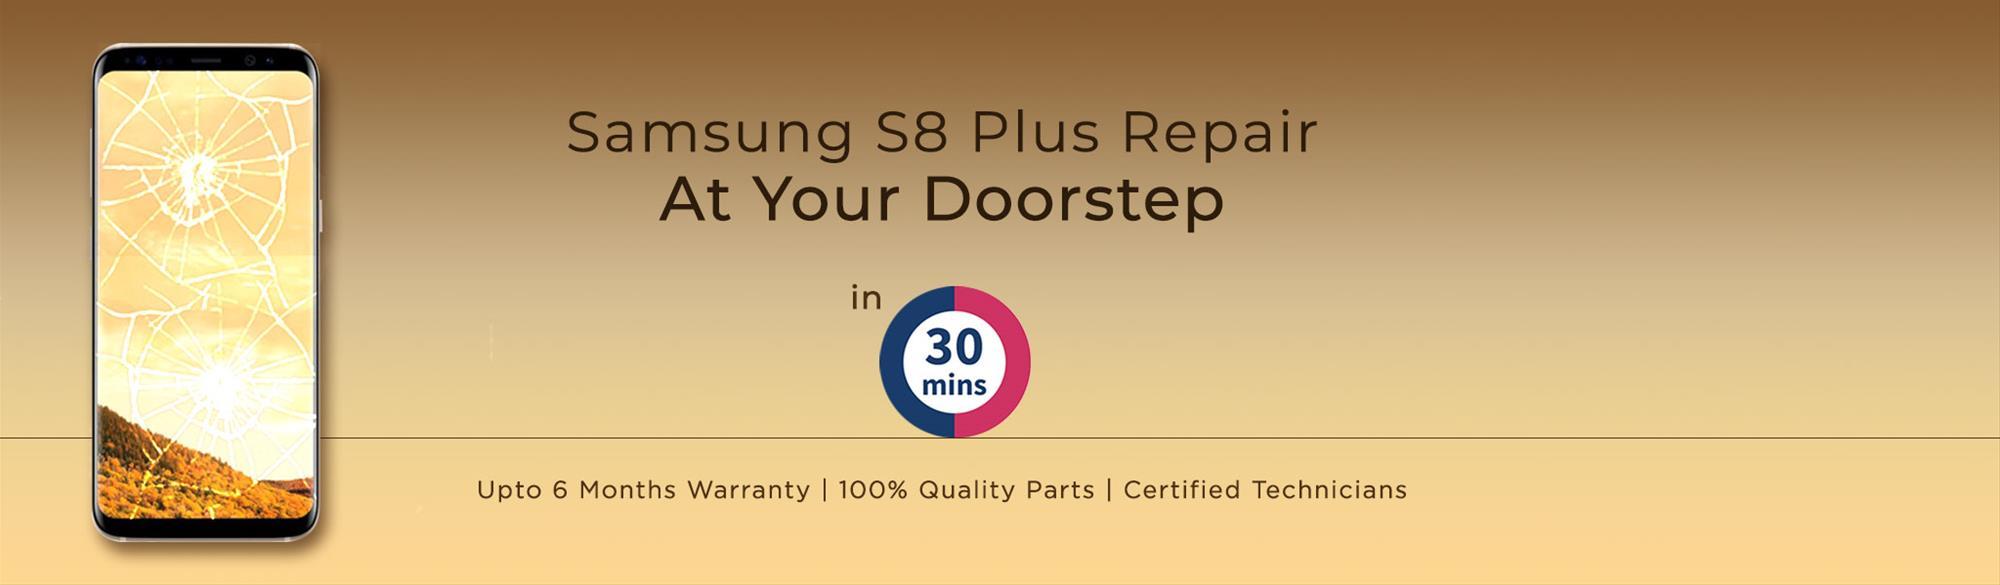 samsung-s8-plus-repair.jpg